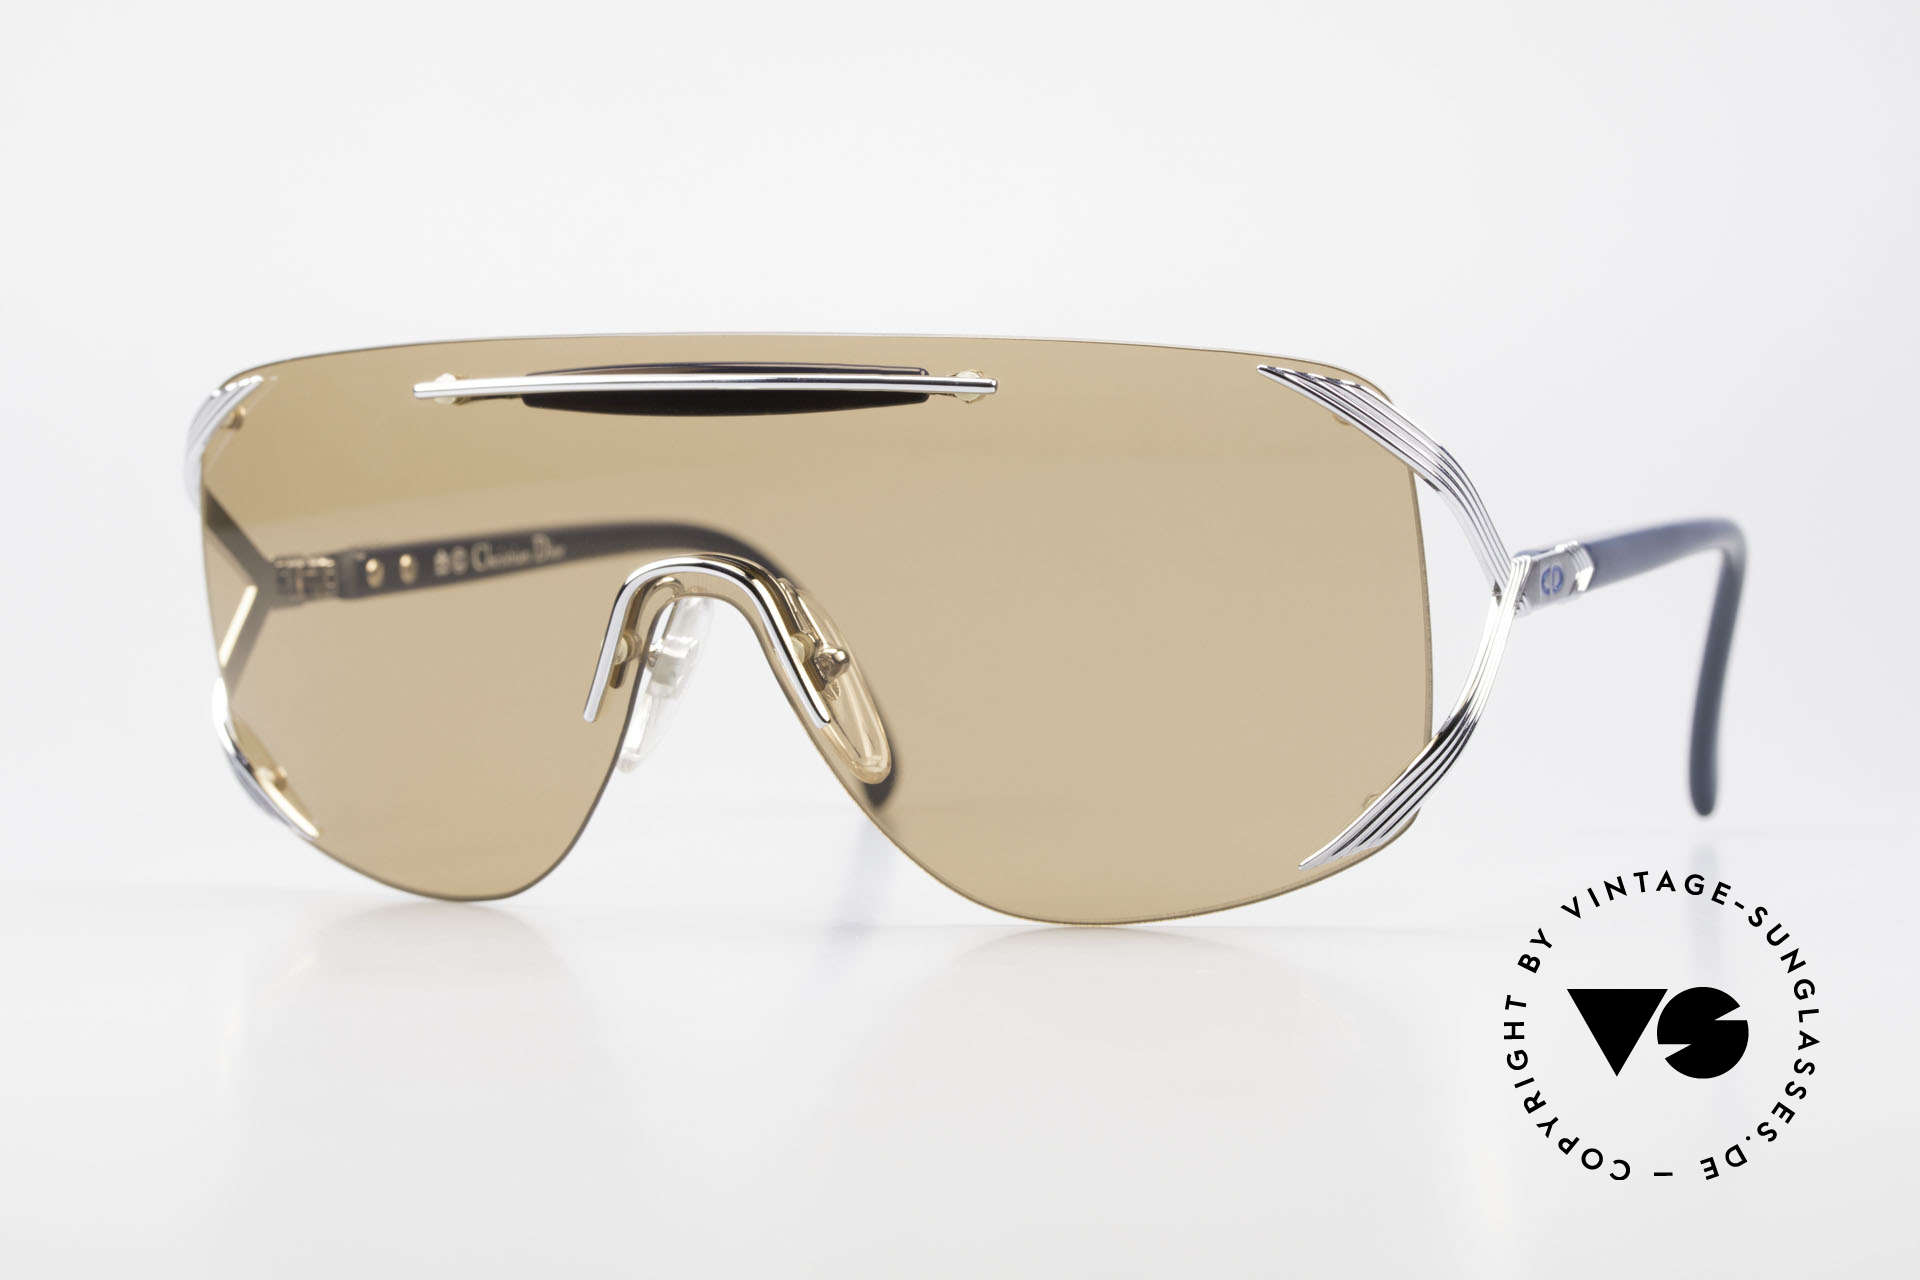 Christian Dior 2434 Panorama View Sonnenbrille, vintage Dior Designer-Sonnenbrille von 1989/90, Passend für Damen